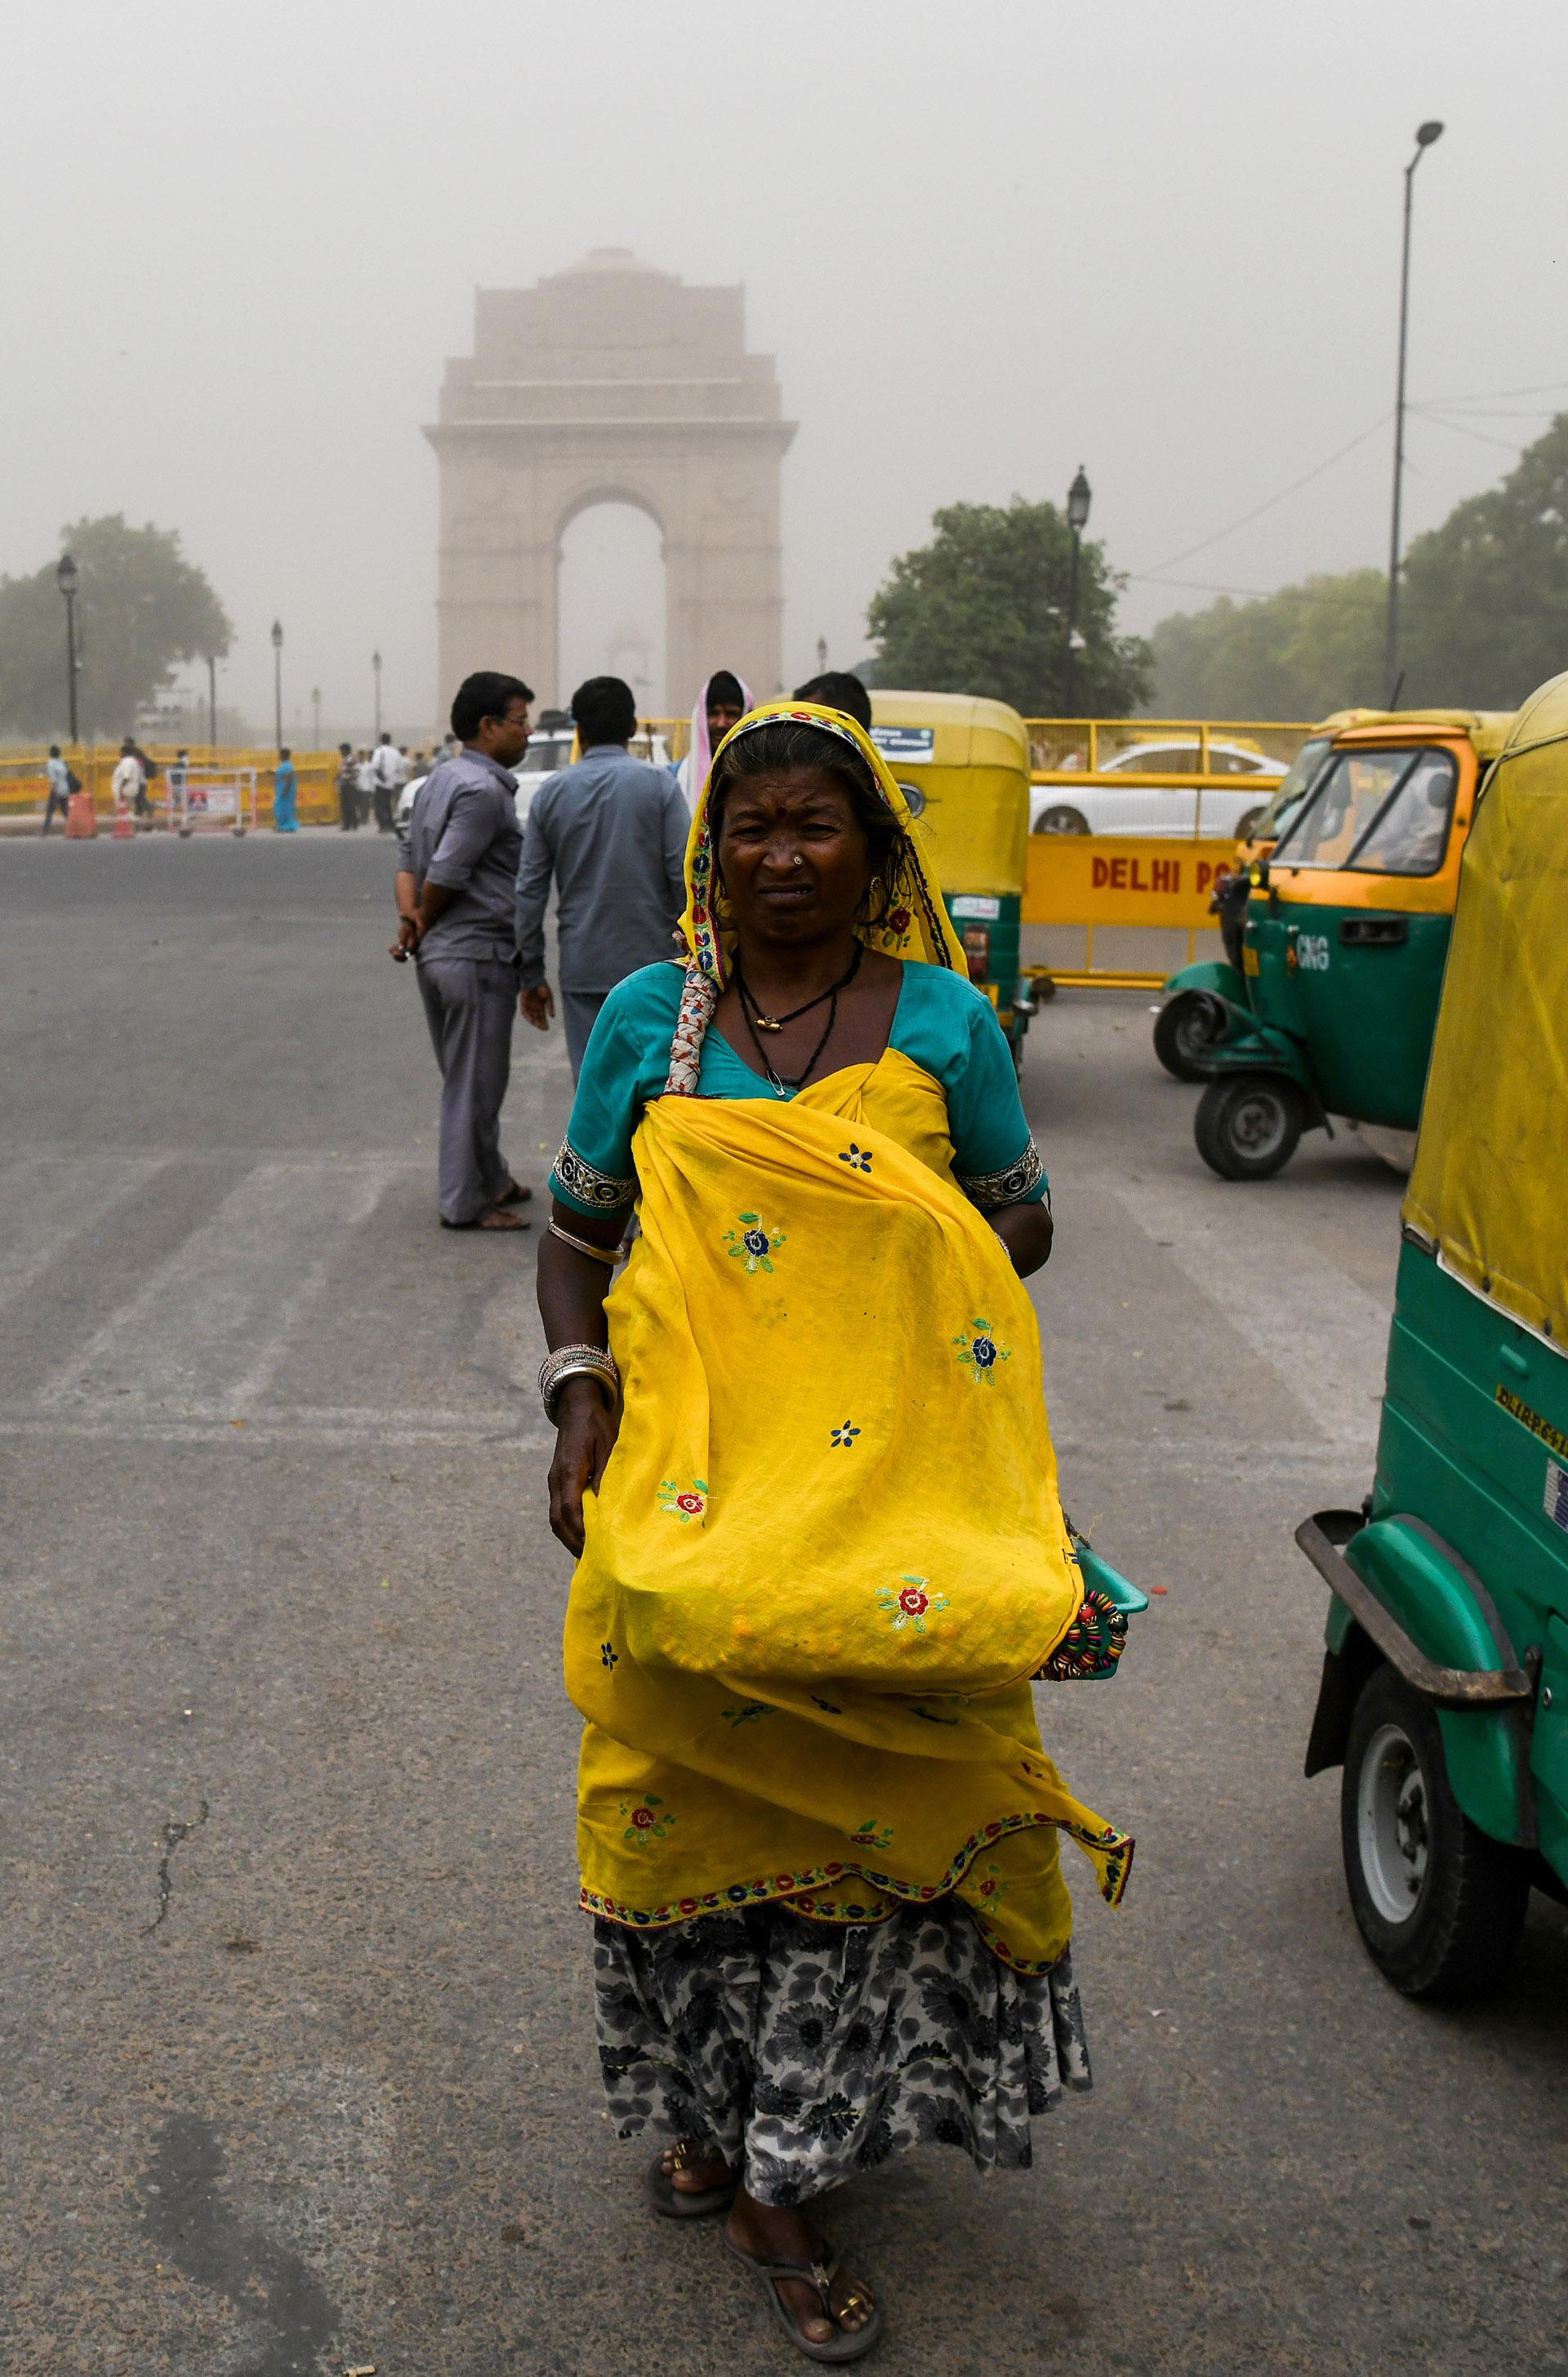 Una mujer sufre el polvo que flota en el viento (AFP)